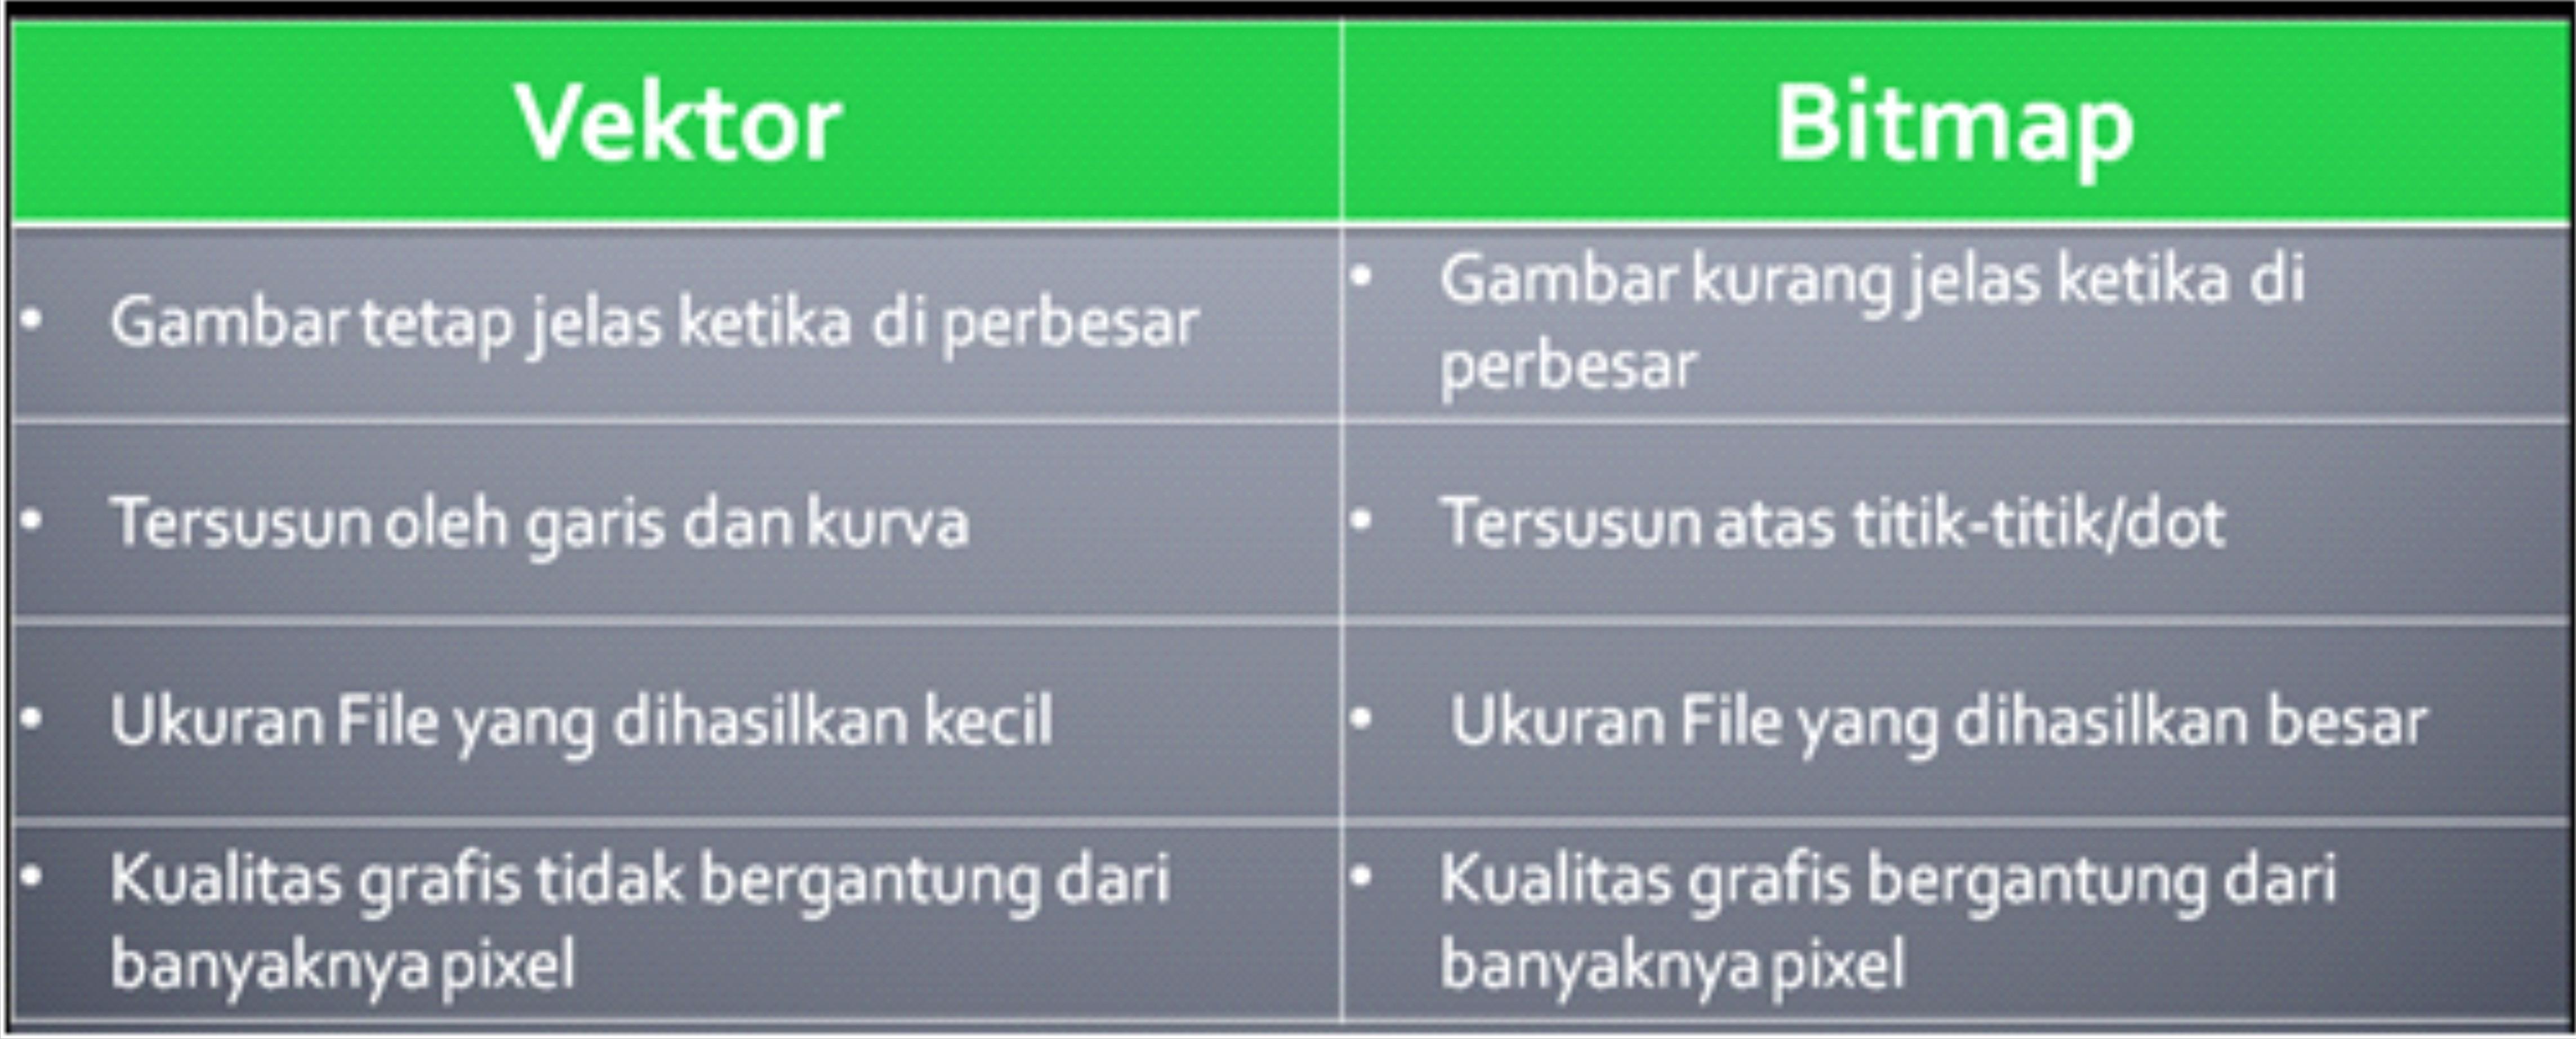 Perbedaan Design Grafis Berbasis Vector Dengan Bitmap Fahzi S Blog